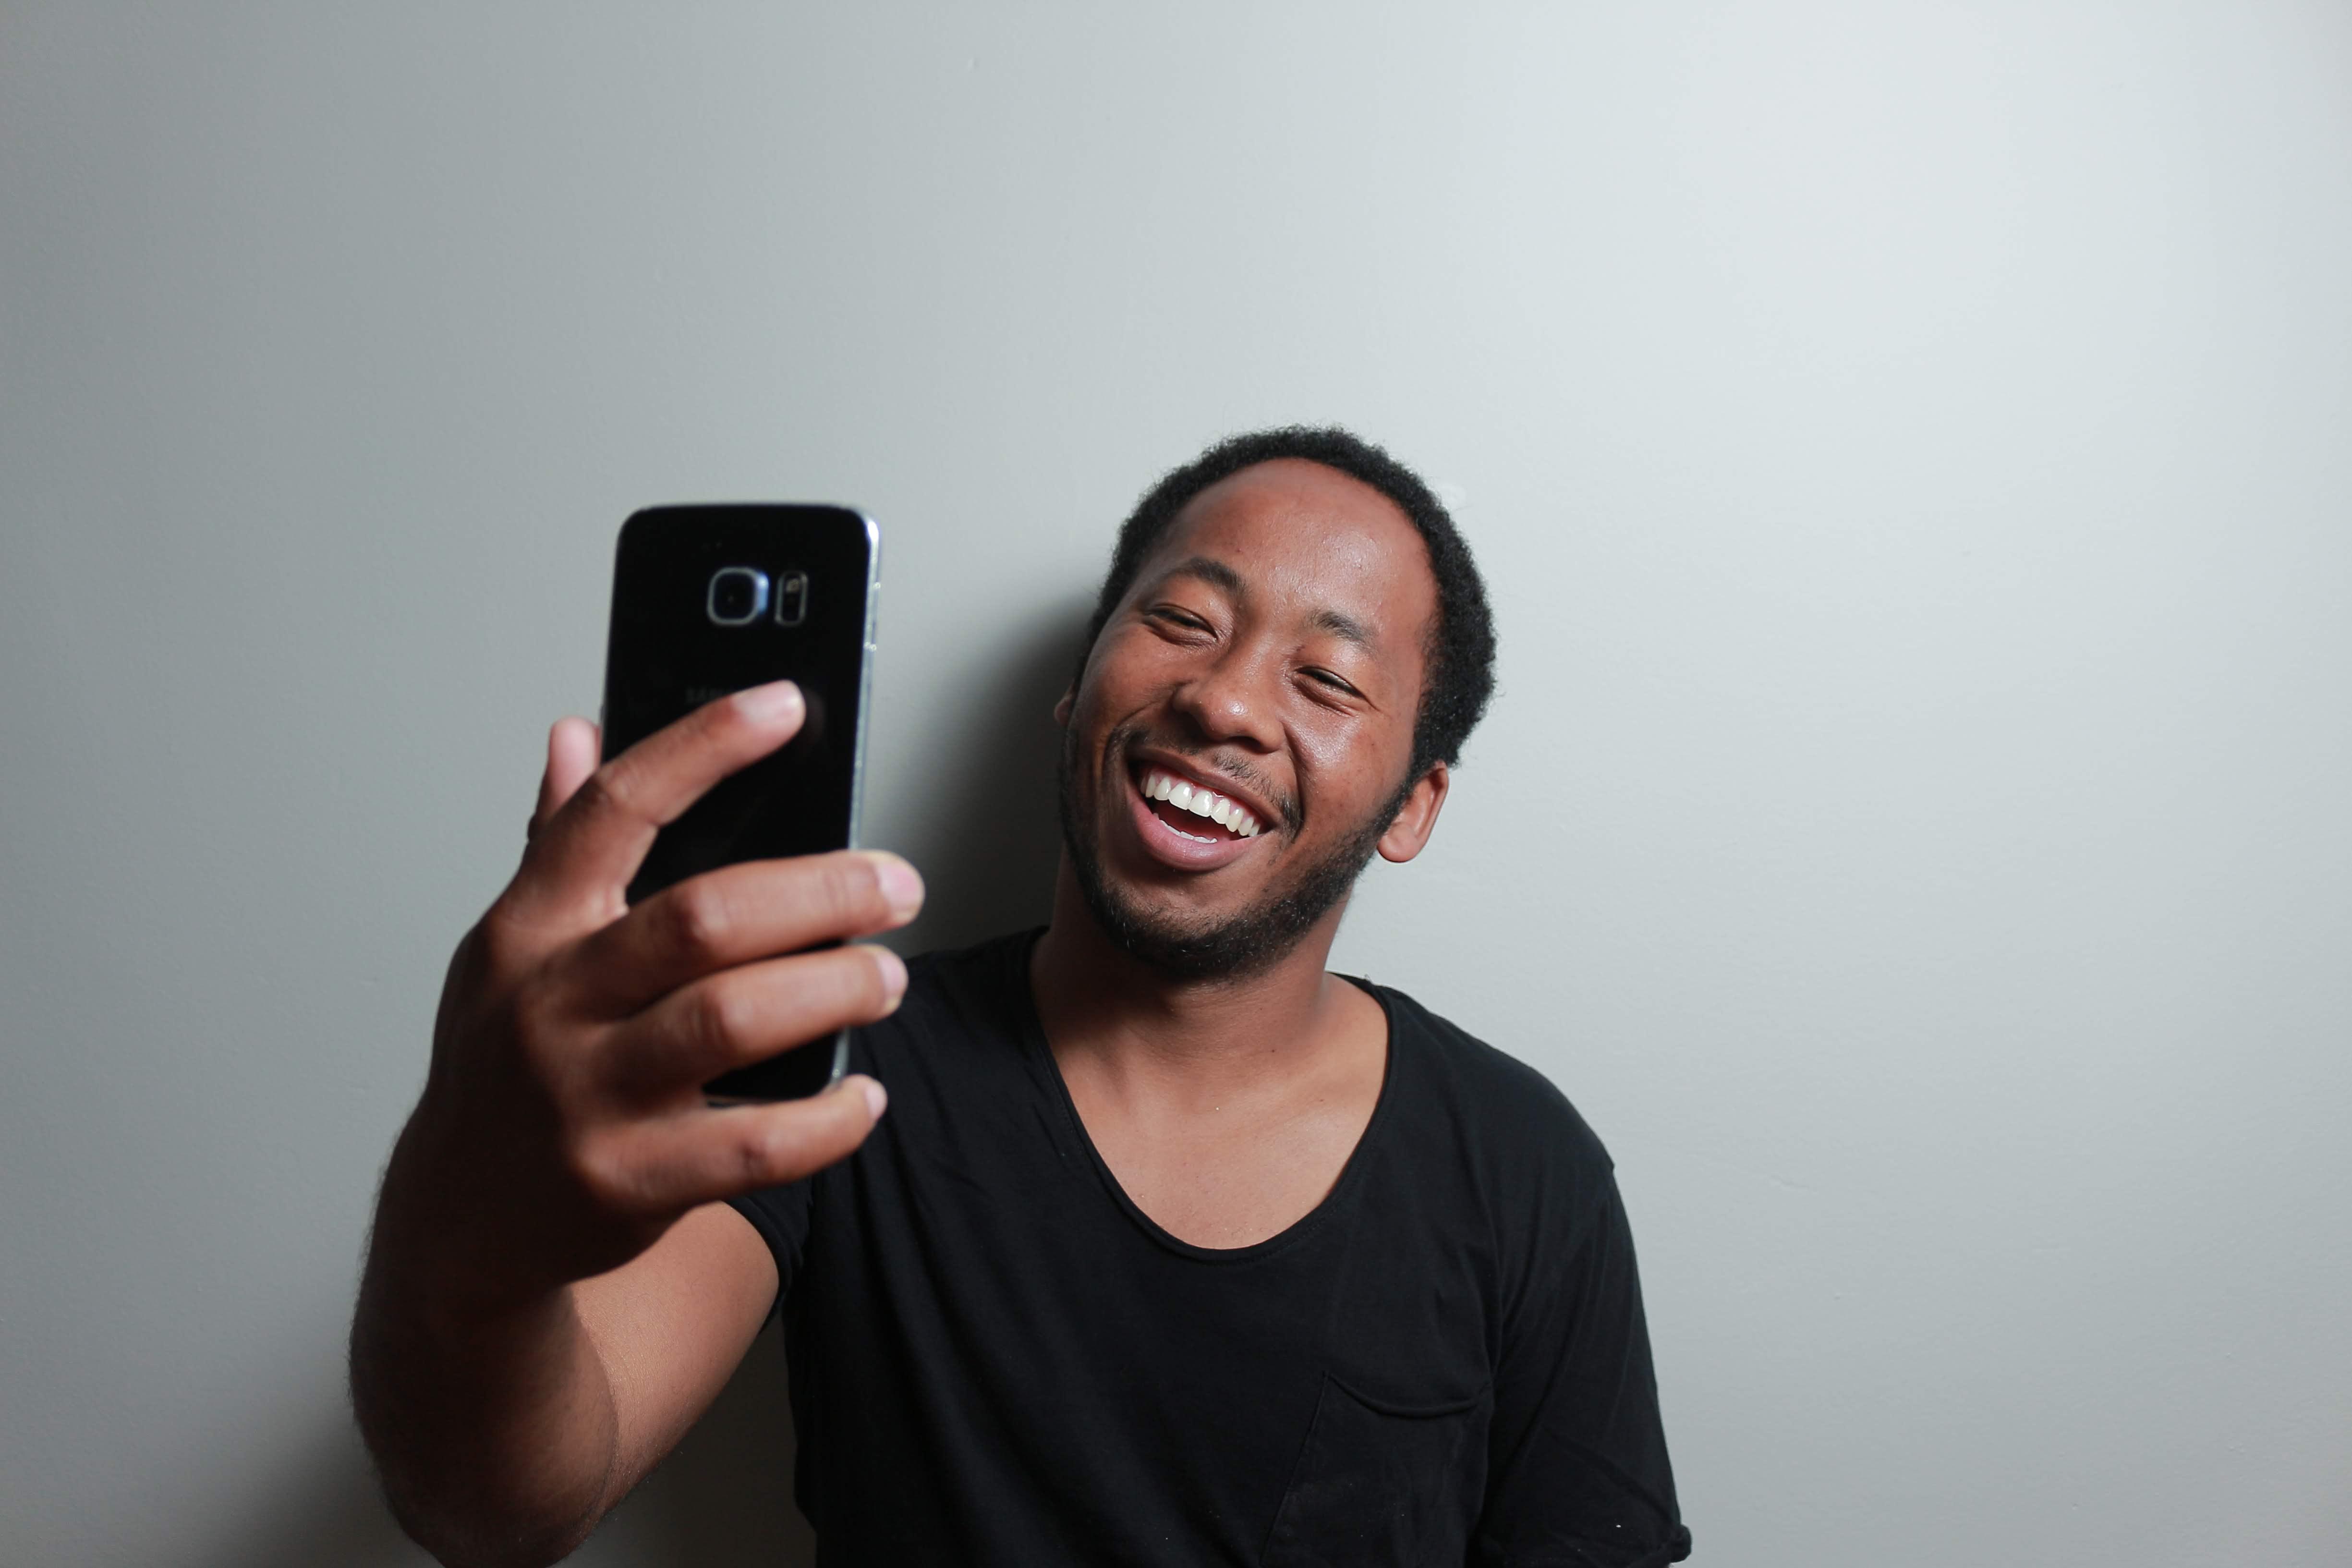 apalagi dengan bermacam-macam gaya biar terlihat menarik Kalau Bung Masih Ngotot Ingin Selfie Baiknya di Momen Ini